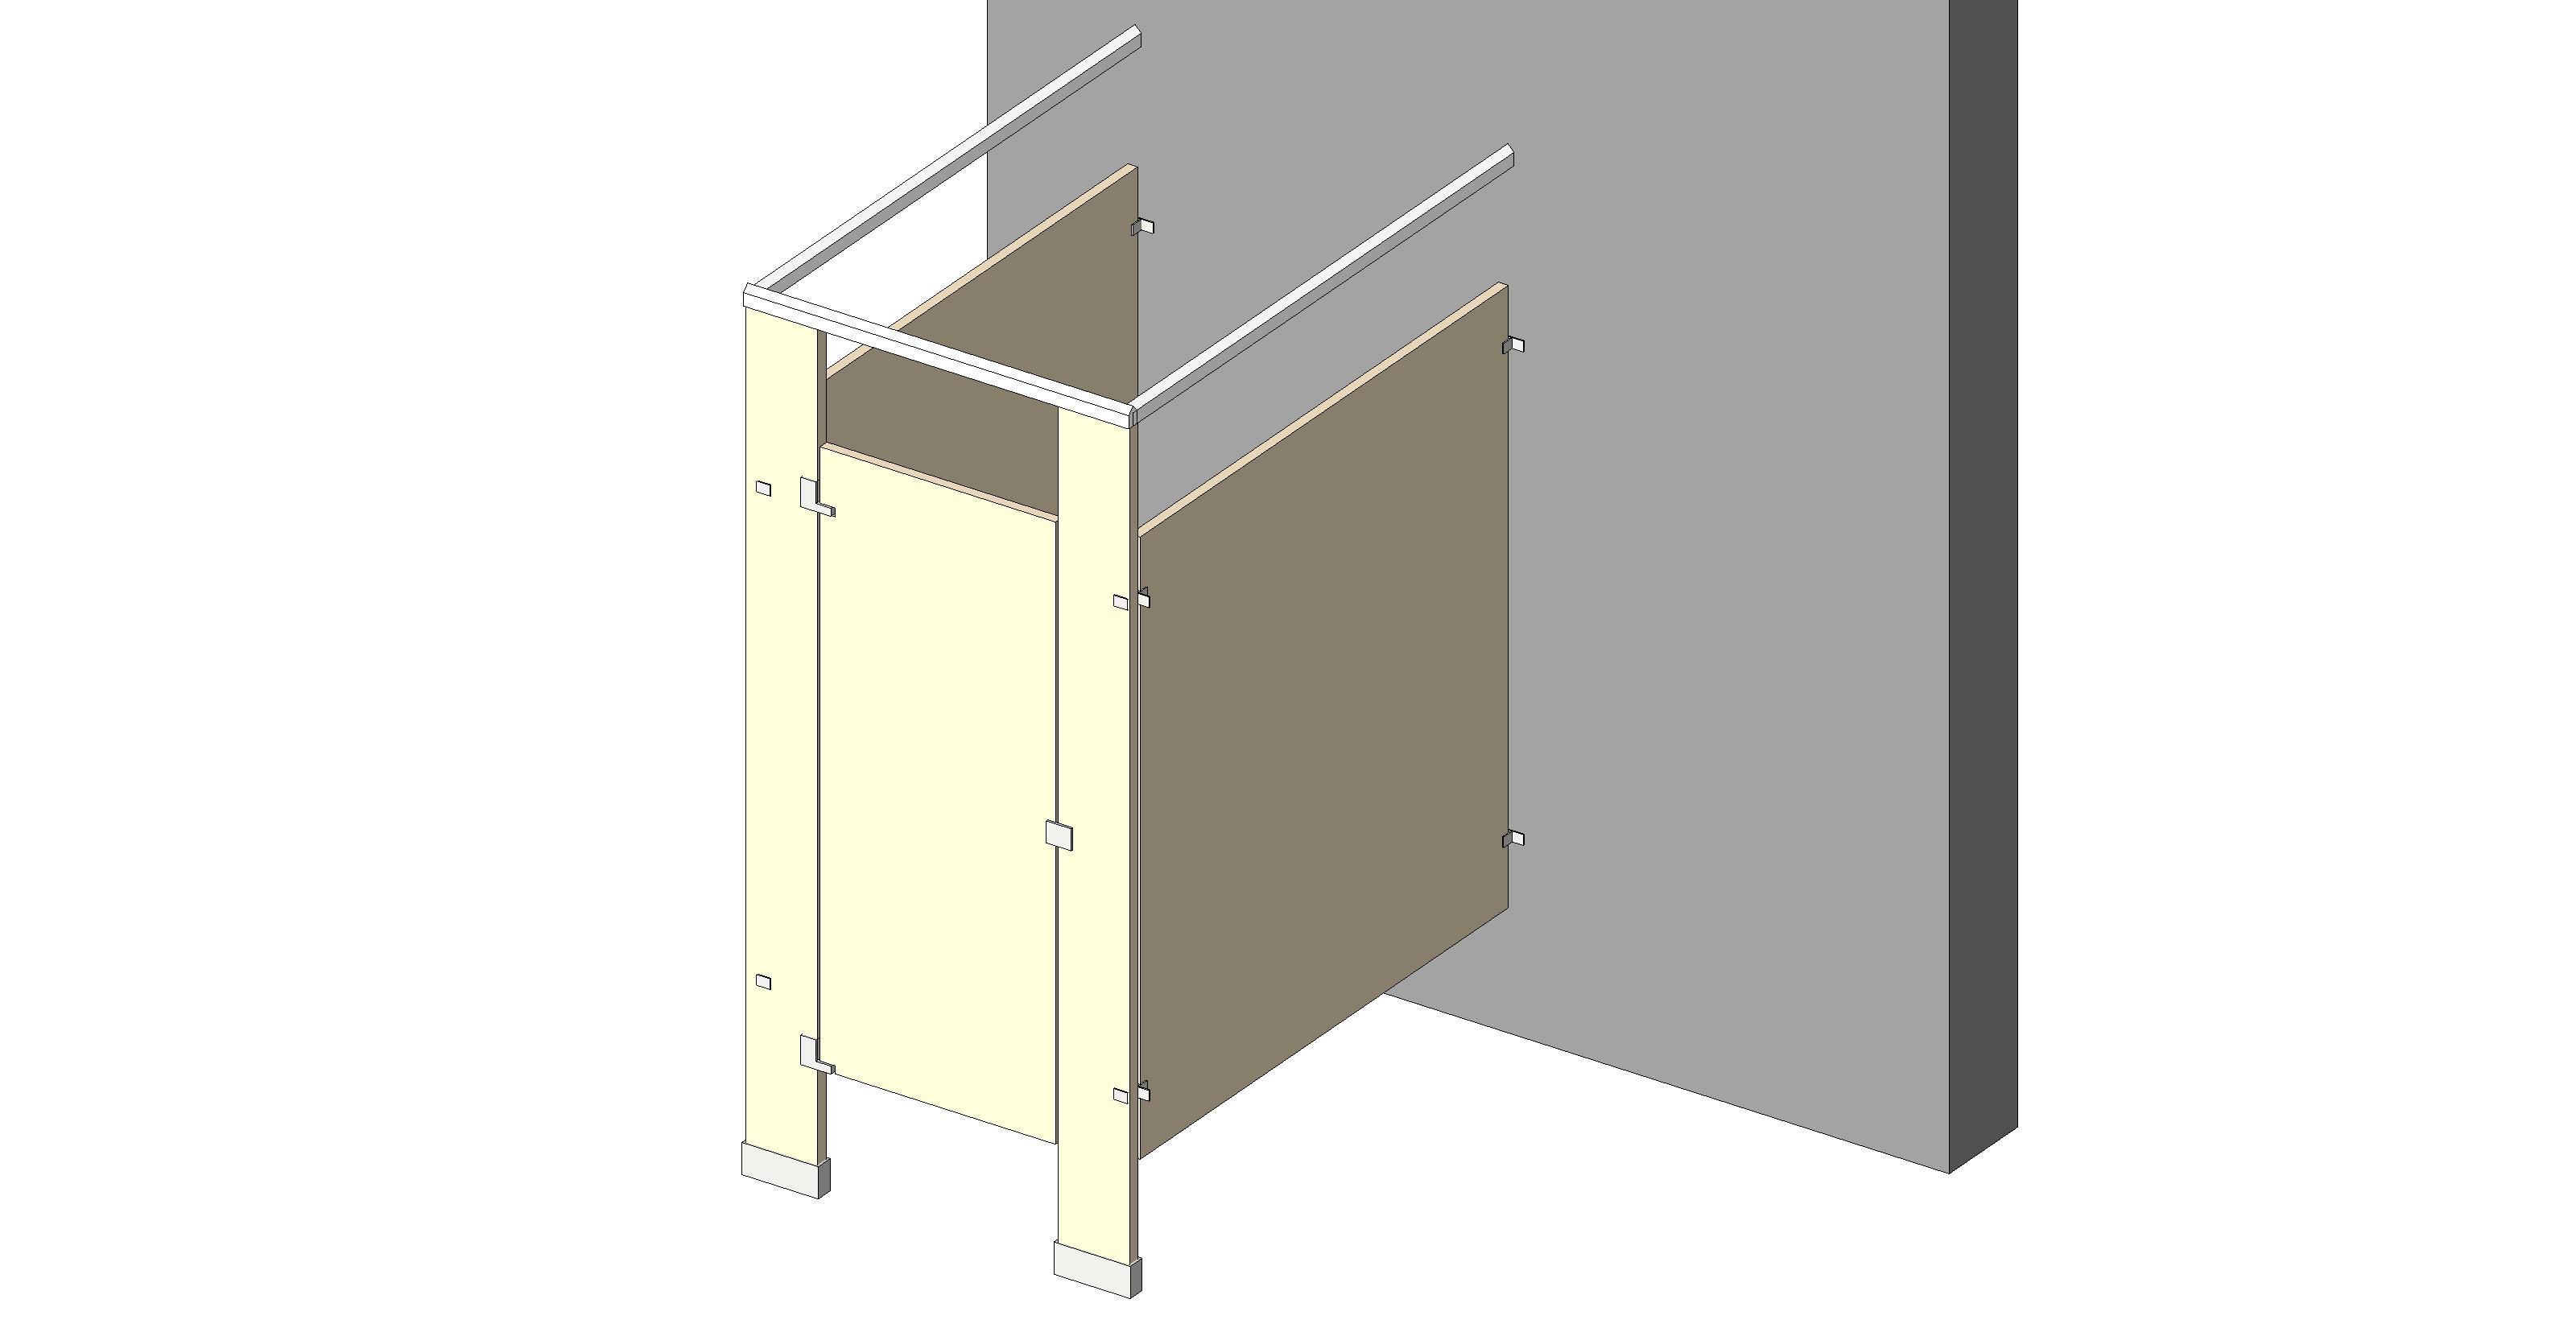 Bathroom Stalls Revit bim objects / families